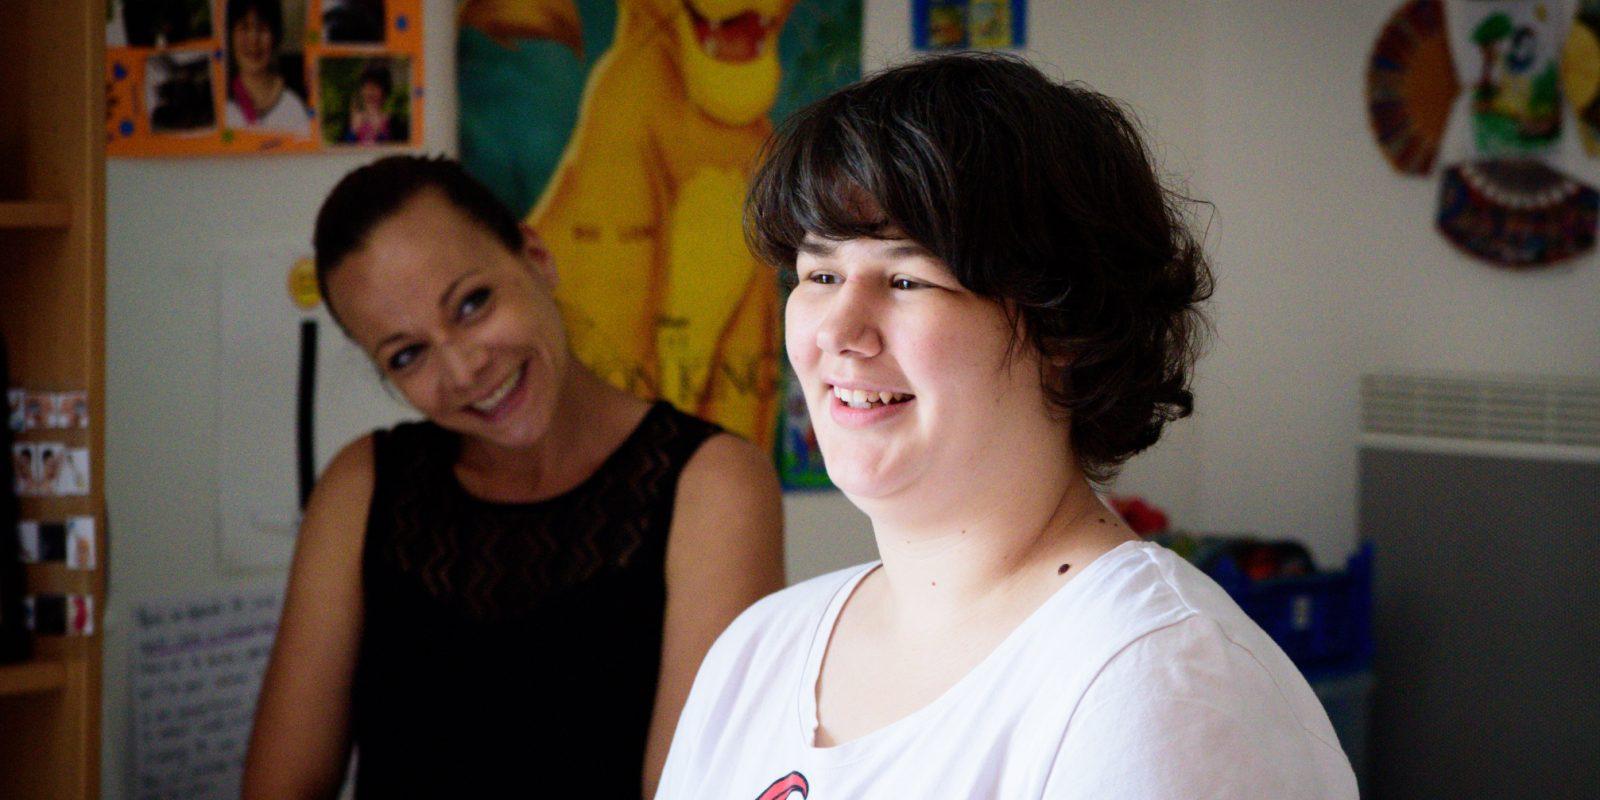 Une jeune fille et son éducatrice partagent un moment de rire